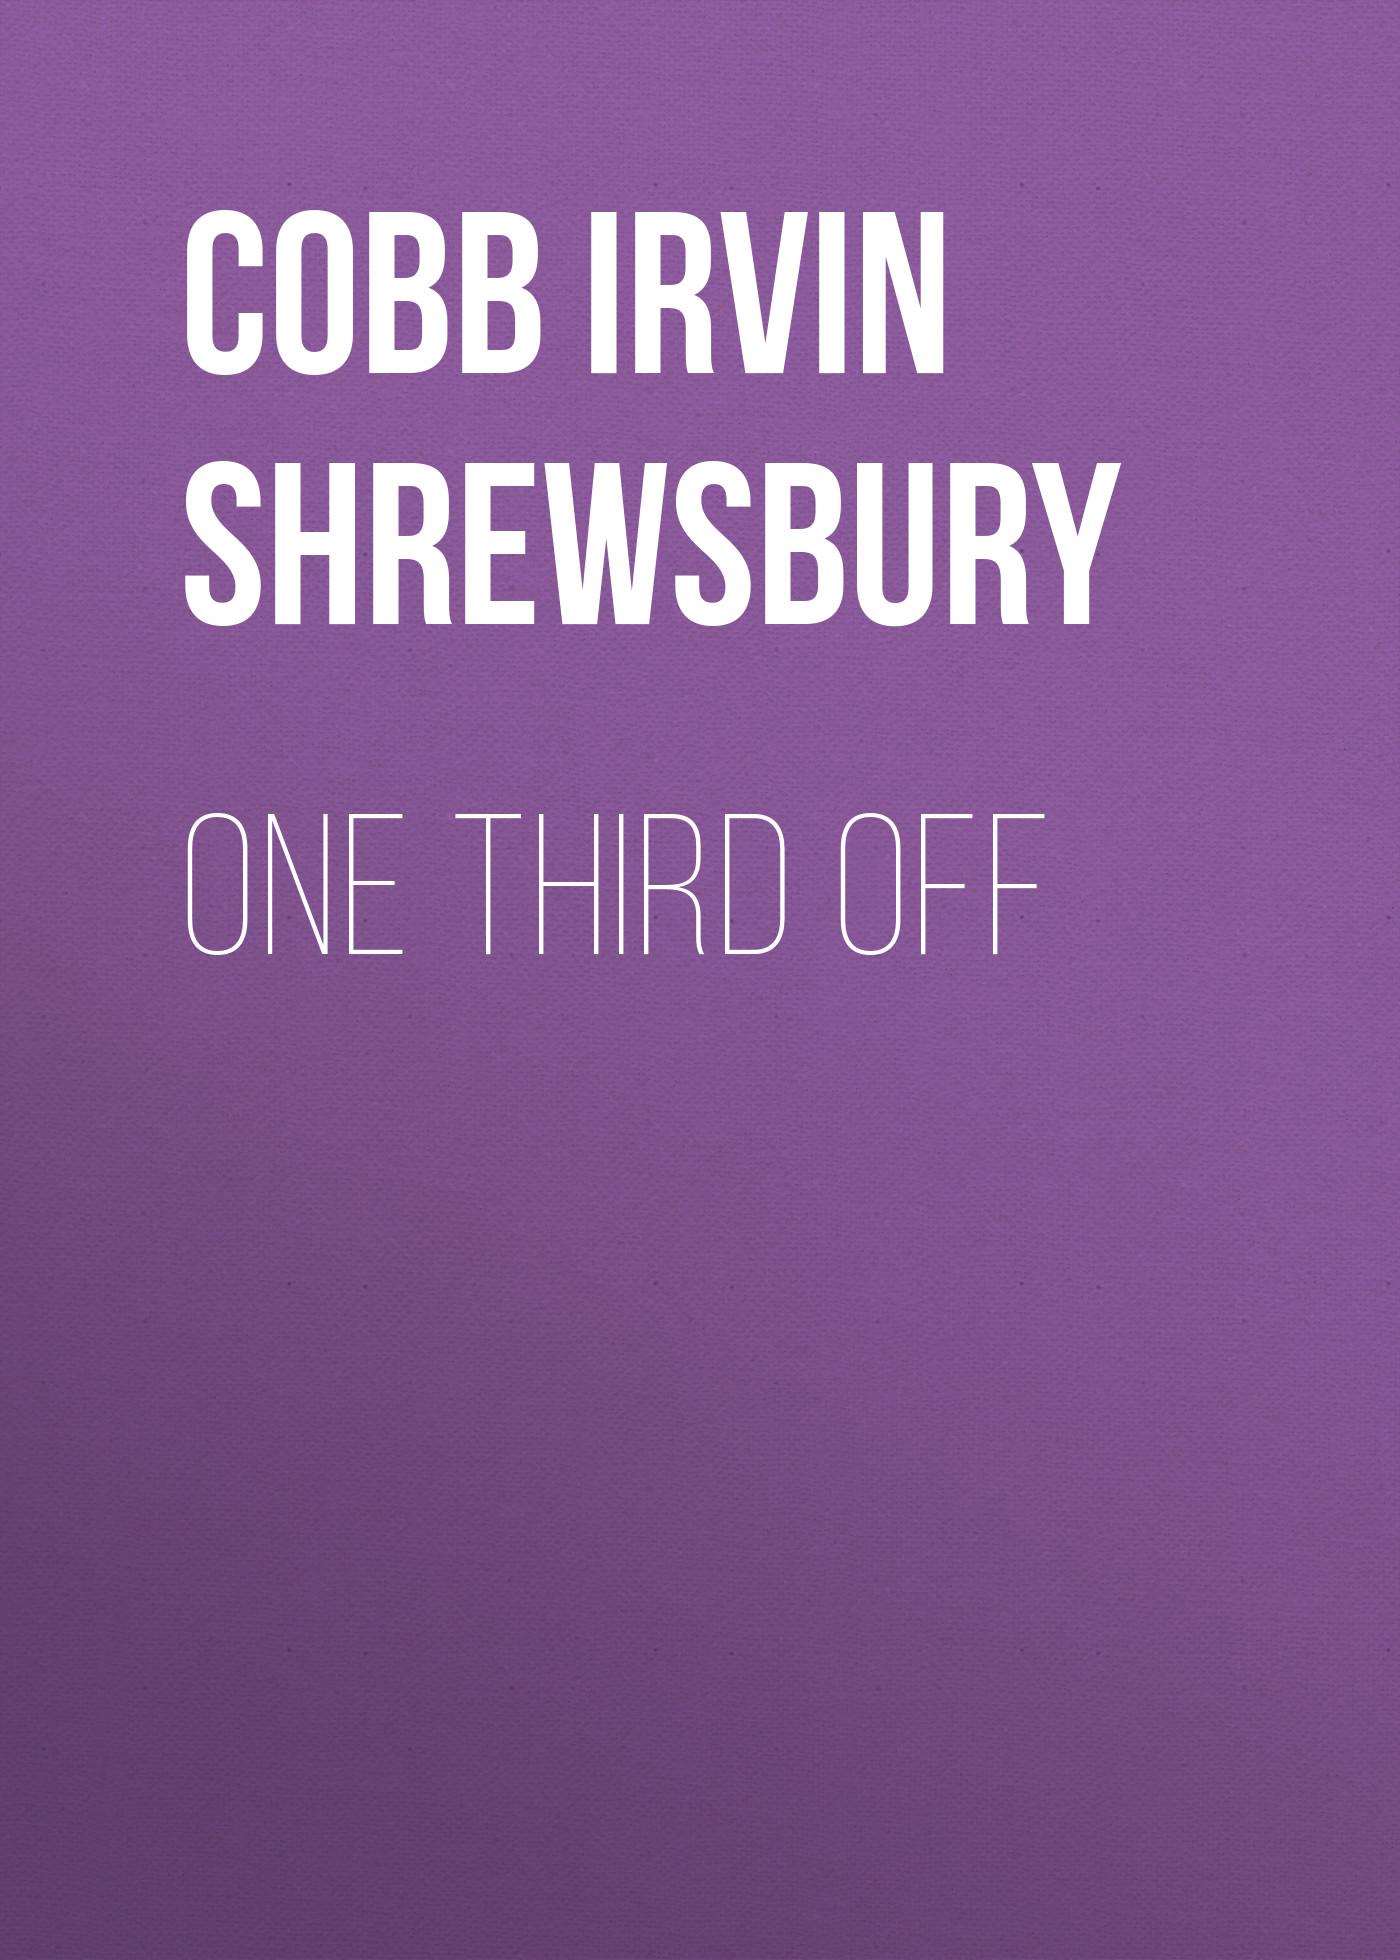 Cobb Irvin Shrewsbury One Third Off cobb irvin shrewsbury sundry accounts